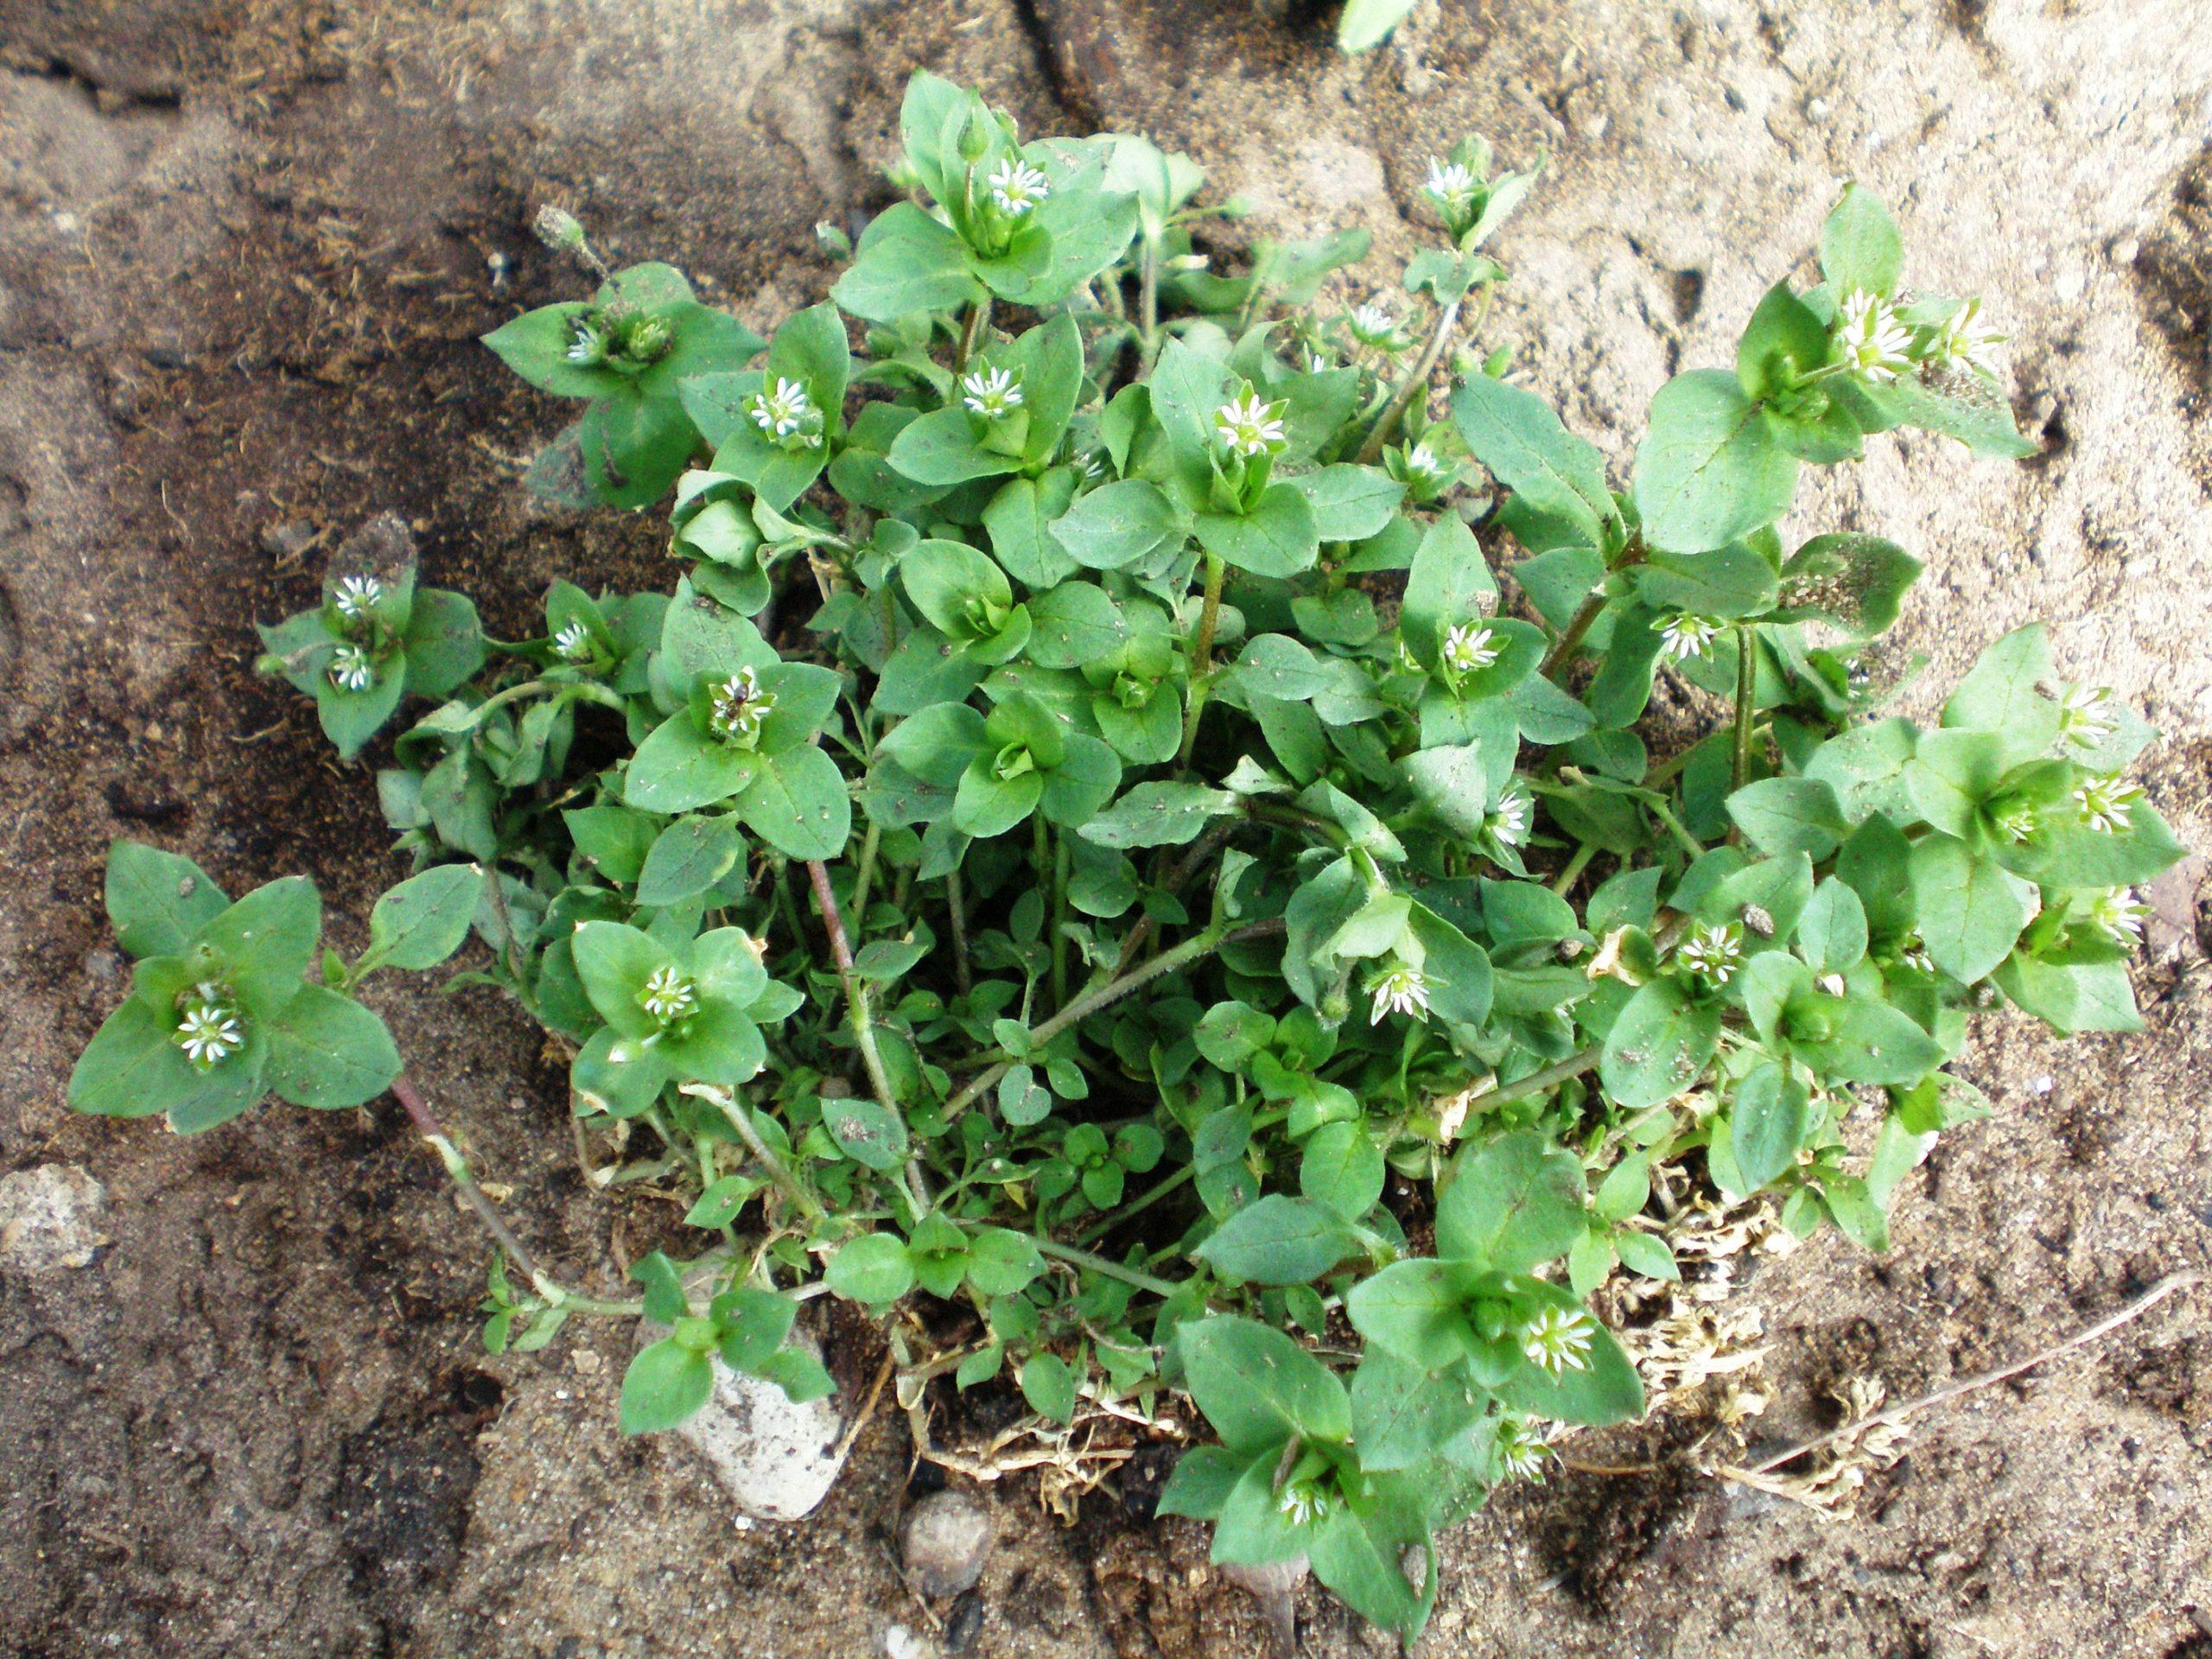 Φυτά δείκτες της ποιότητας του εδάφους-Μέρος 2ο